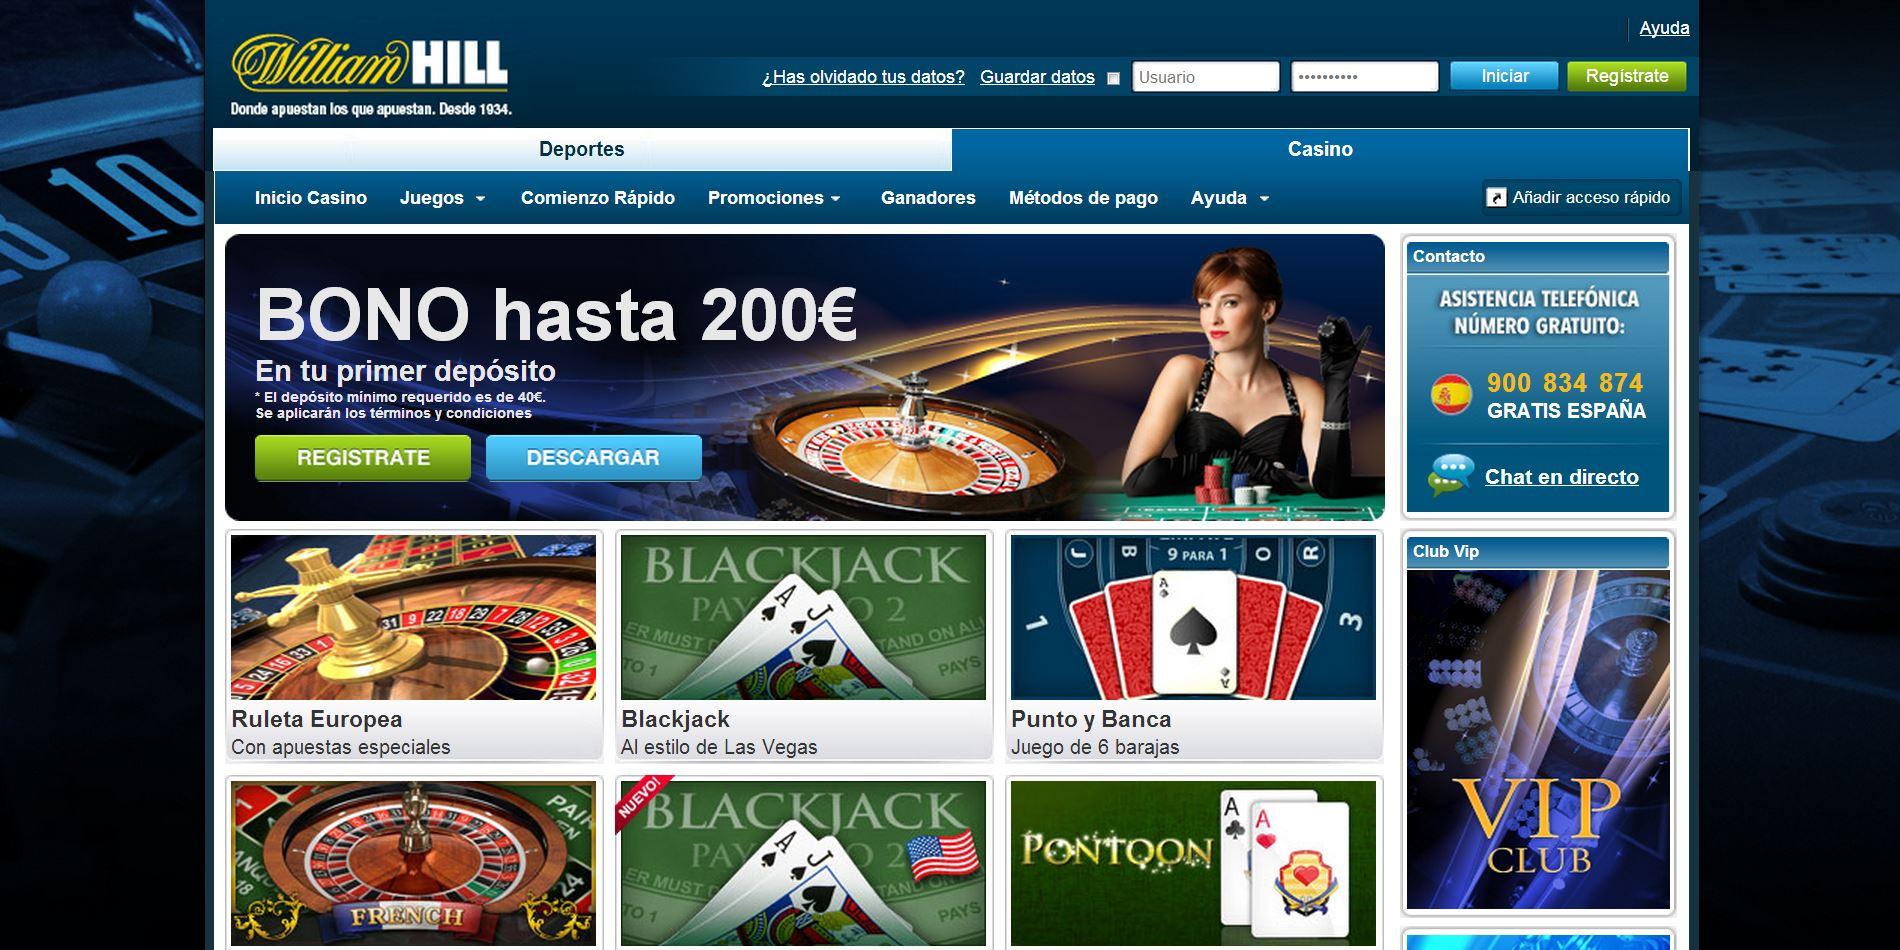 Hill williams casino con tiradas gratis en Zapopan - 99509